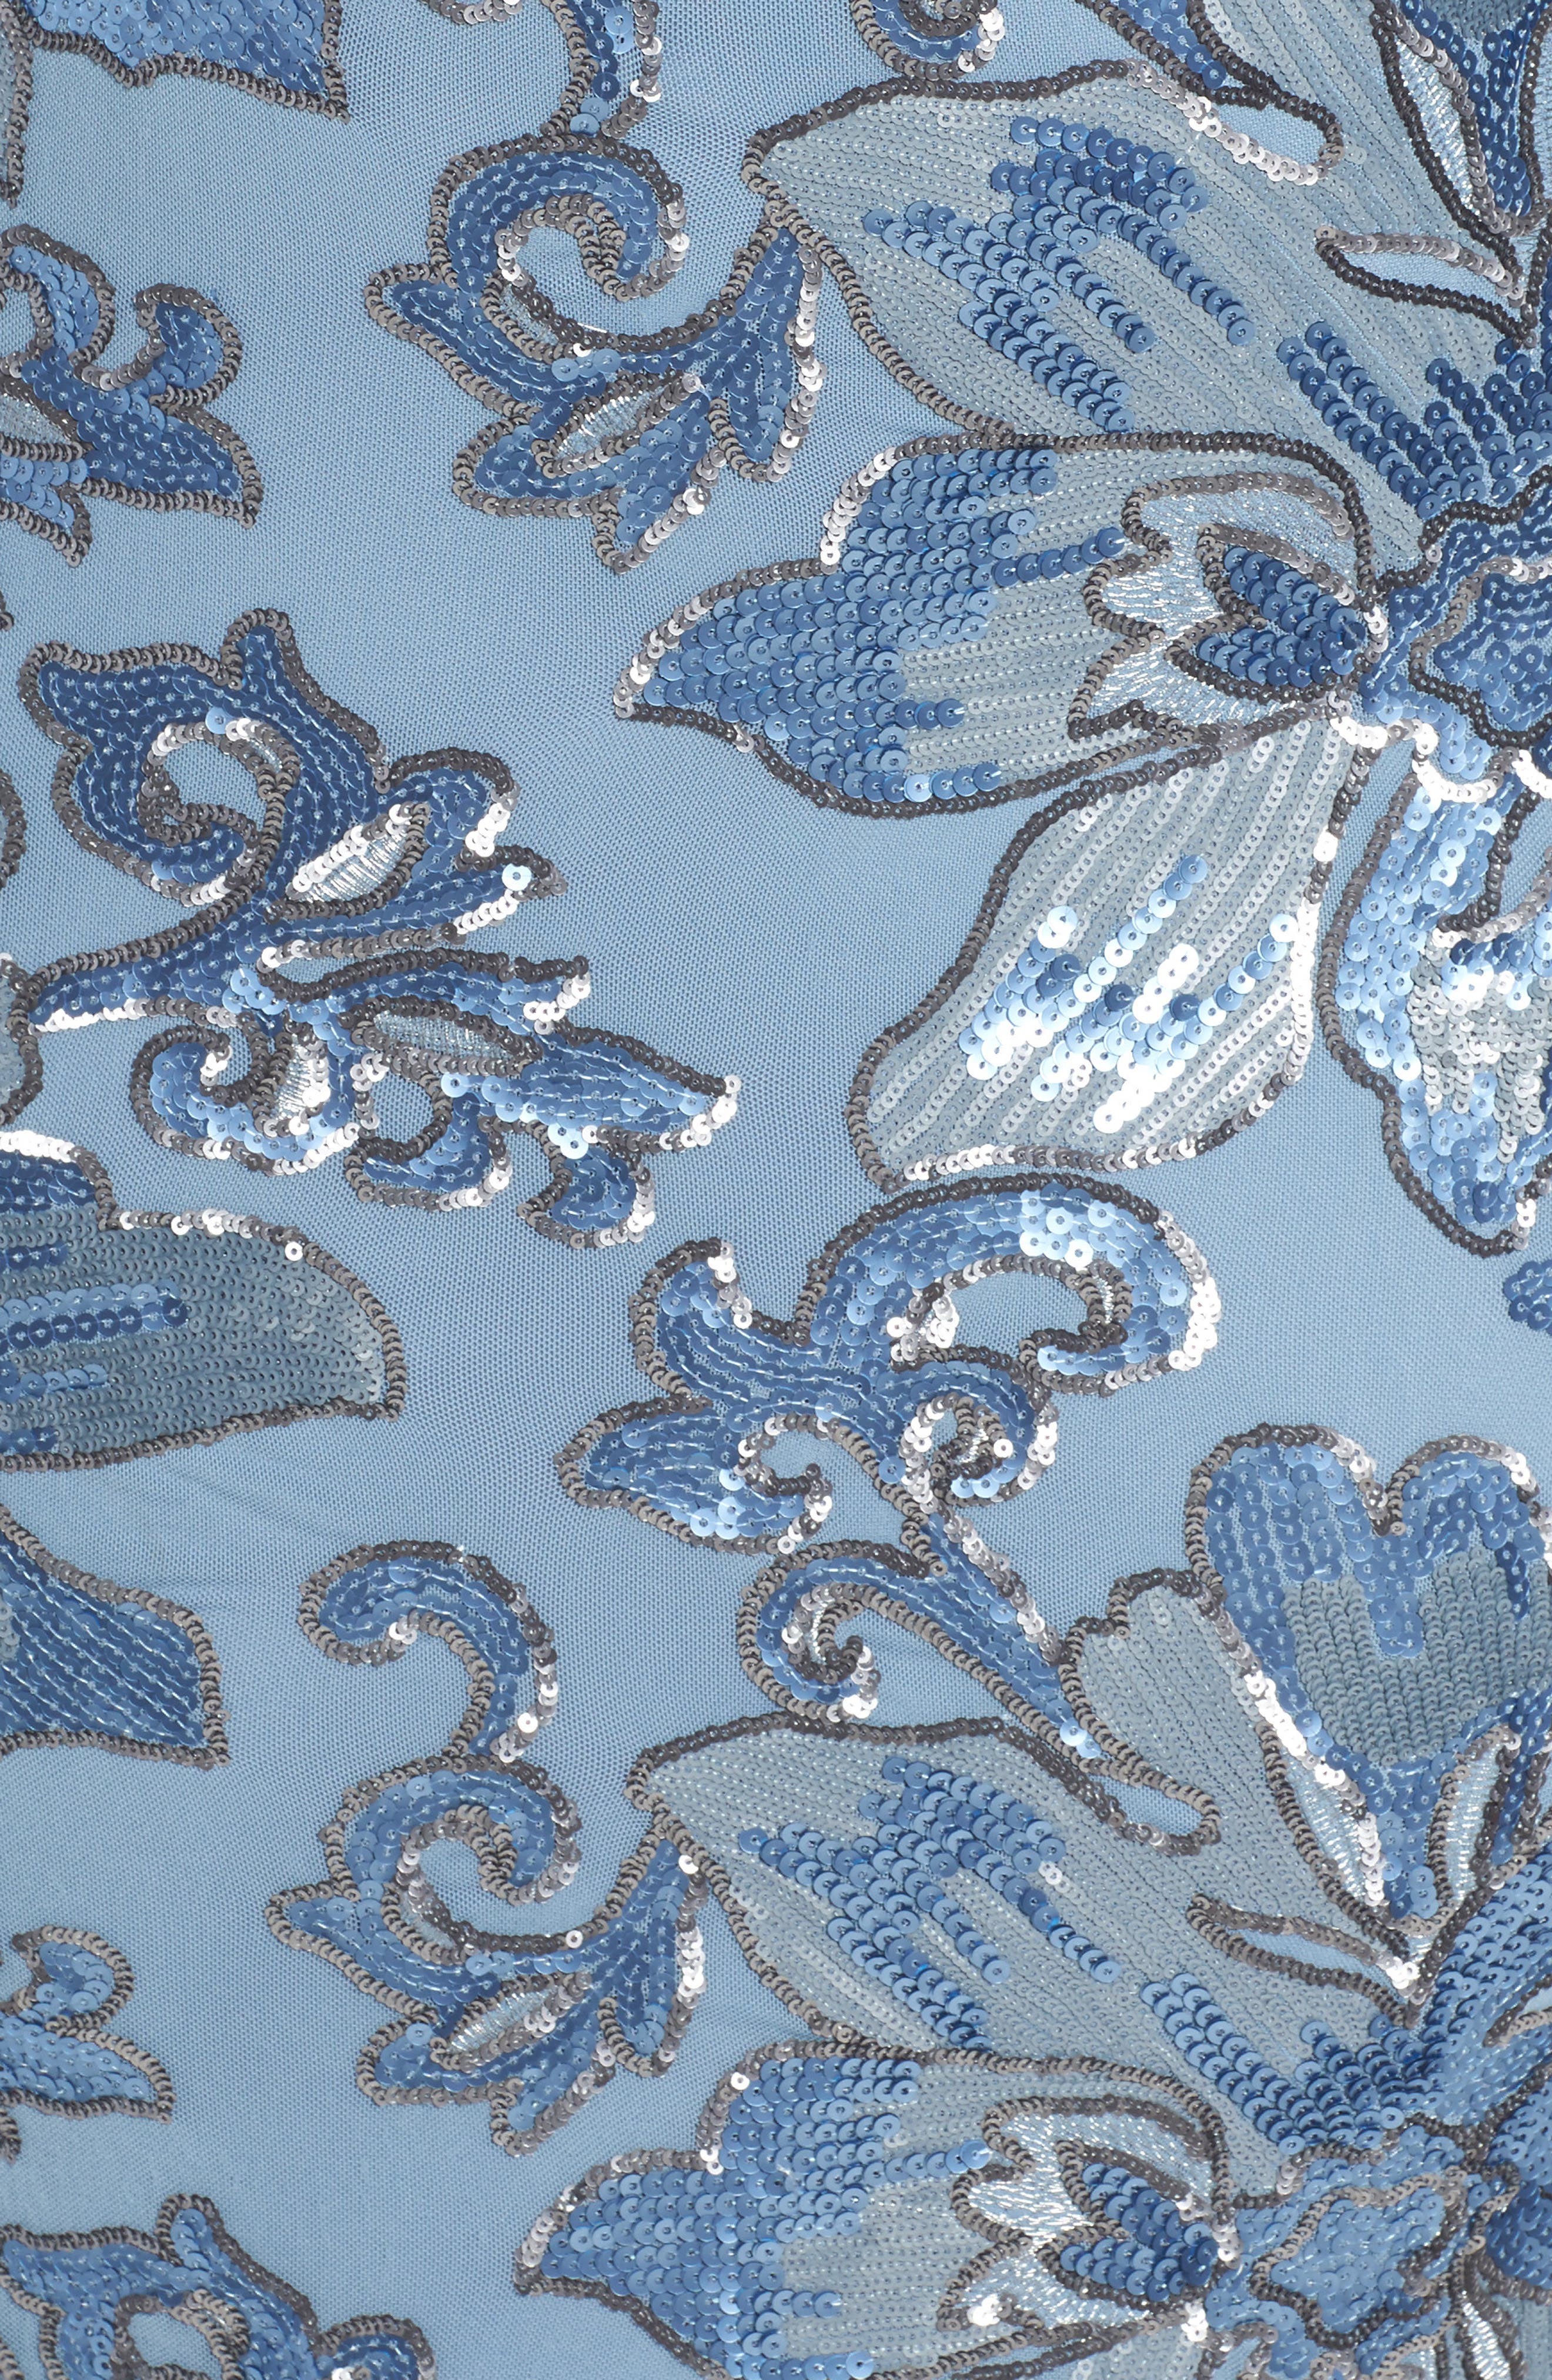 Sequin Faux Wrap Sheath Dress,                             Alternate thumbnail 5, color,                             Periwinkle